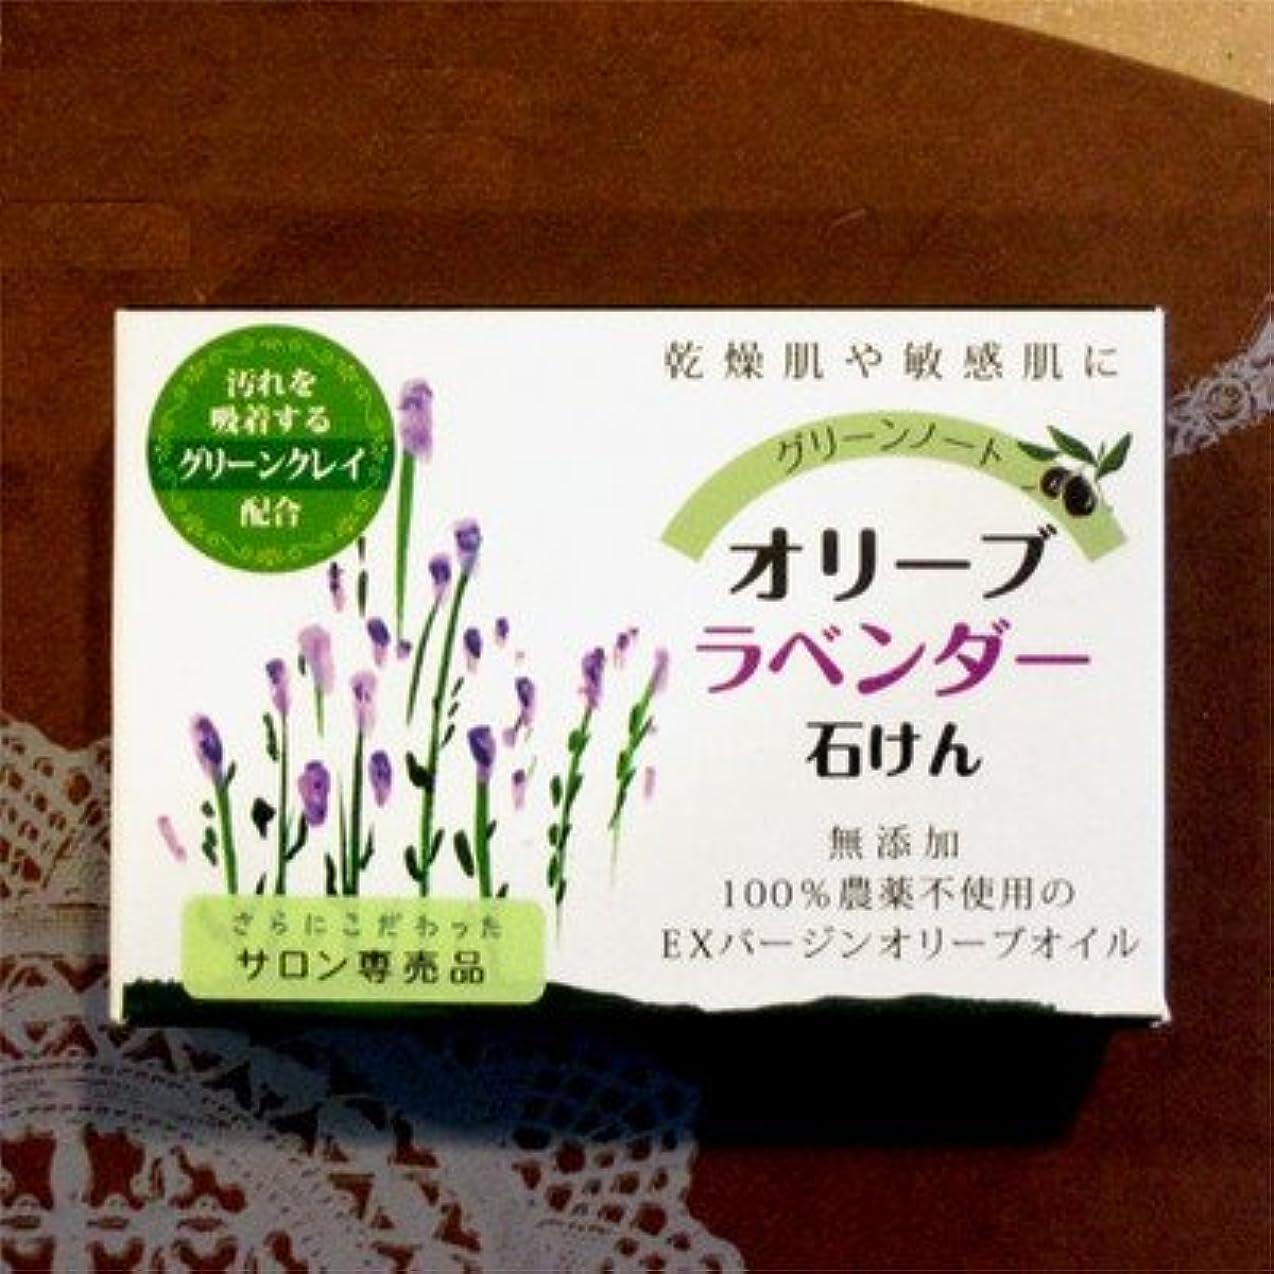 磁気入り口繊細グリーンノート オーガニック ハーブ ソープ 無農薬 無添加 オリーブ ラベンダー せ鹸 100g